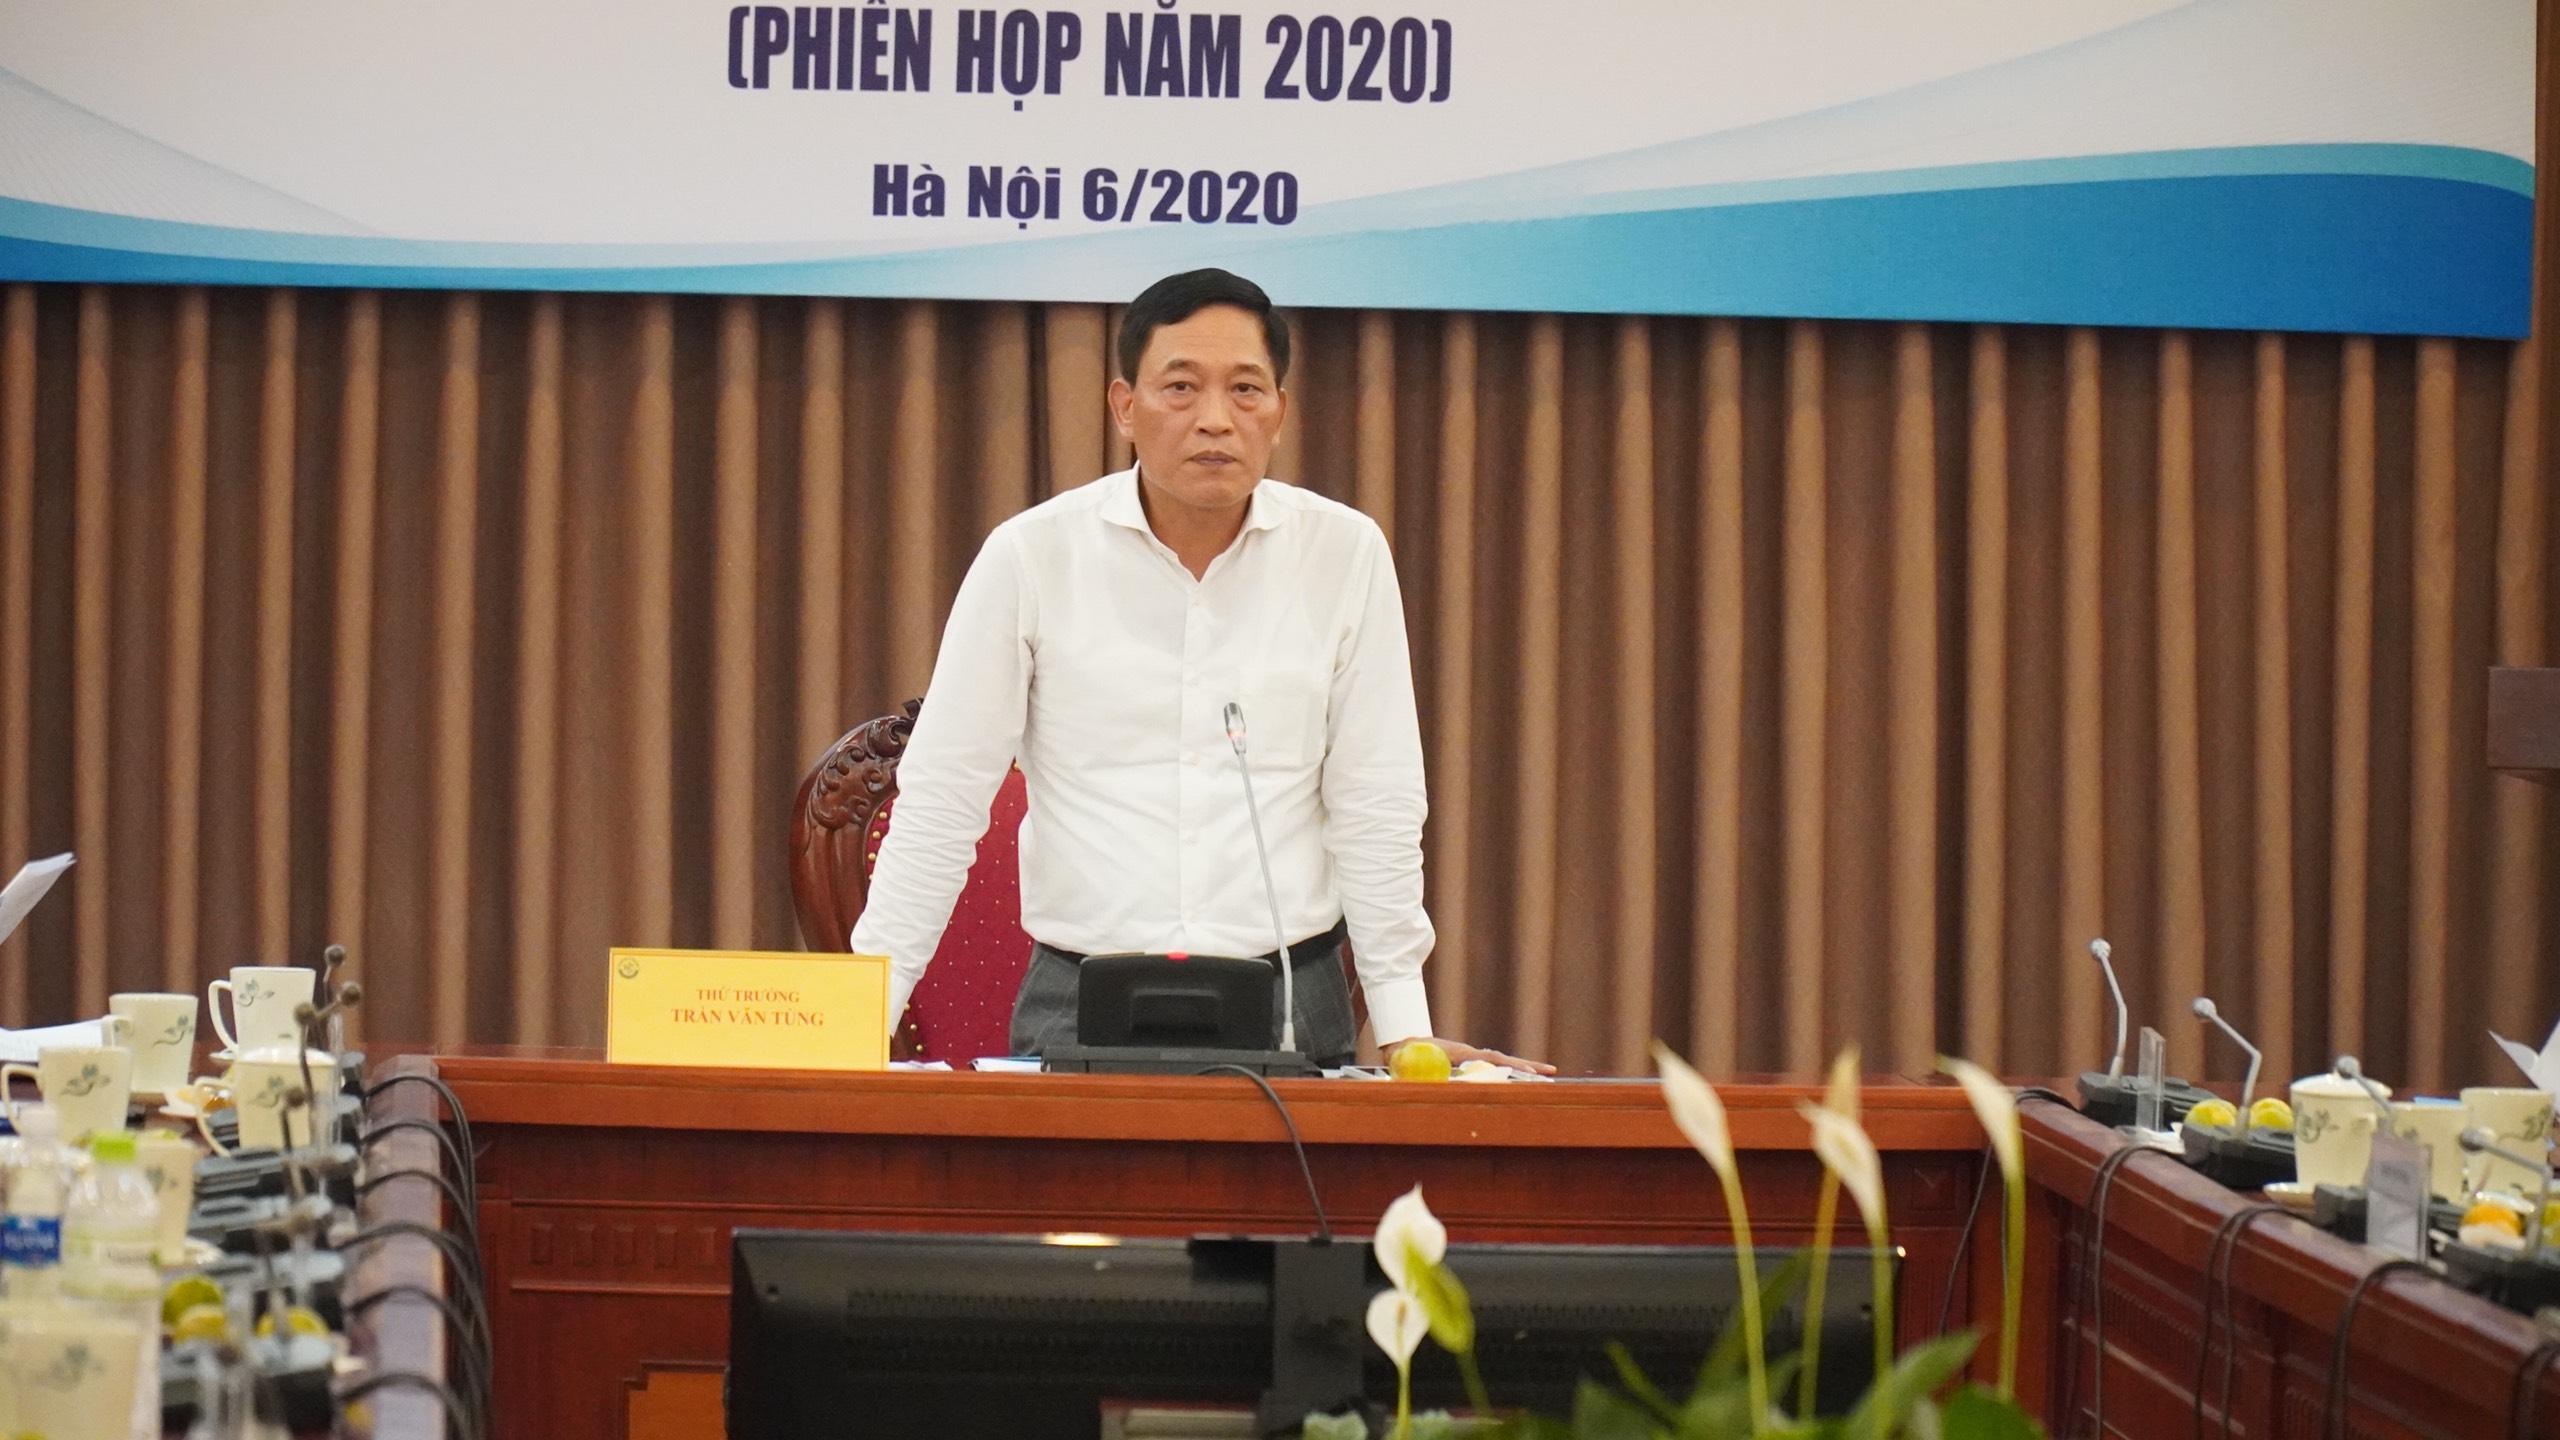 Thứ trưởng Trần Văn Tùng phát biểu đề dẫn. Ảnh: Minh Công